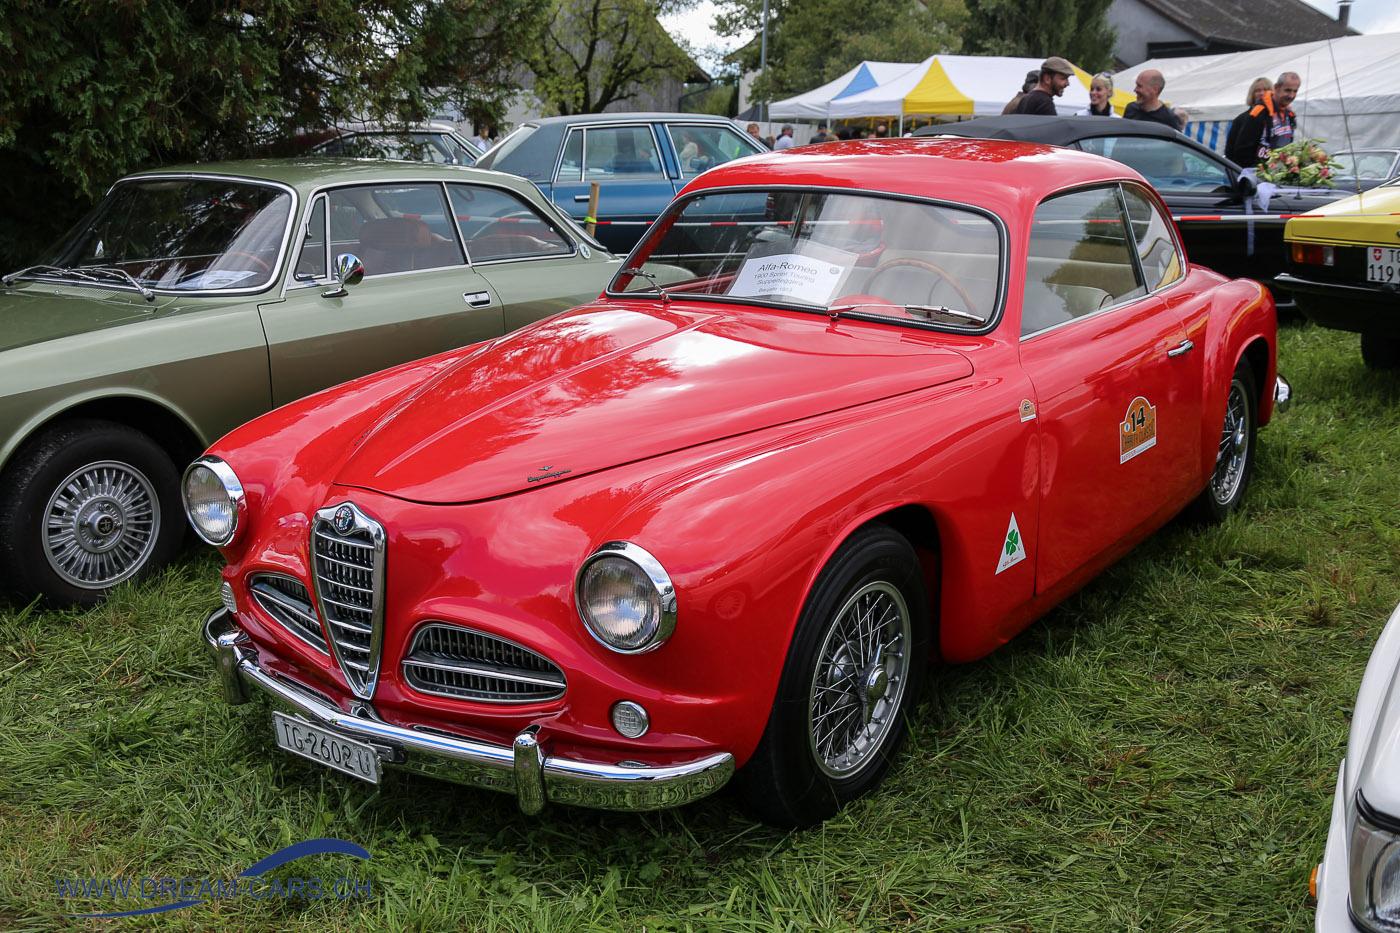 Oldtimertreffen Gündelhart 2017. Ein Alfa Romeo 1900 Sprint Touring von 1953 mit einer Karosserie von Touring, Mailand.